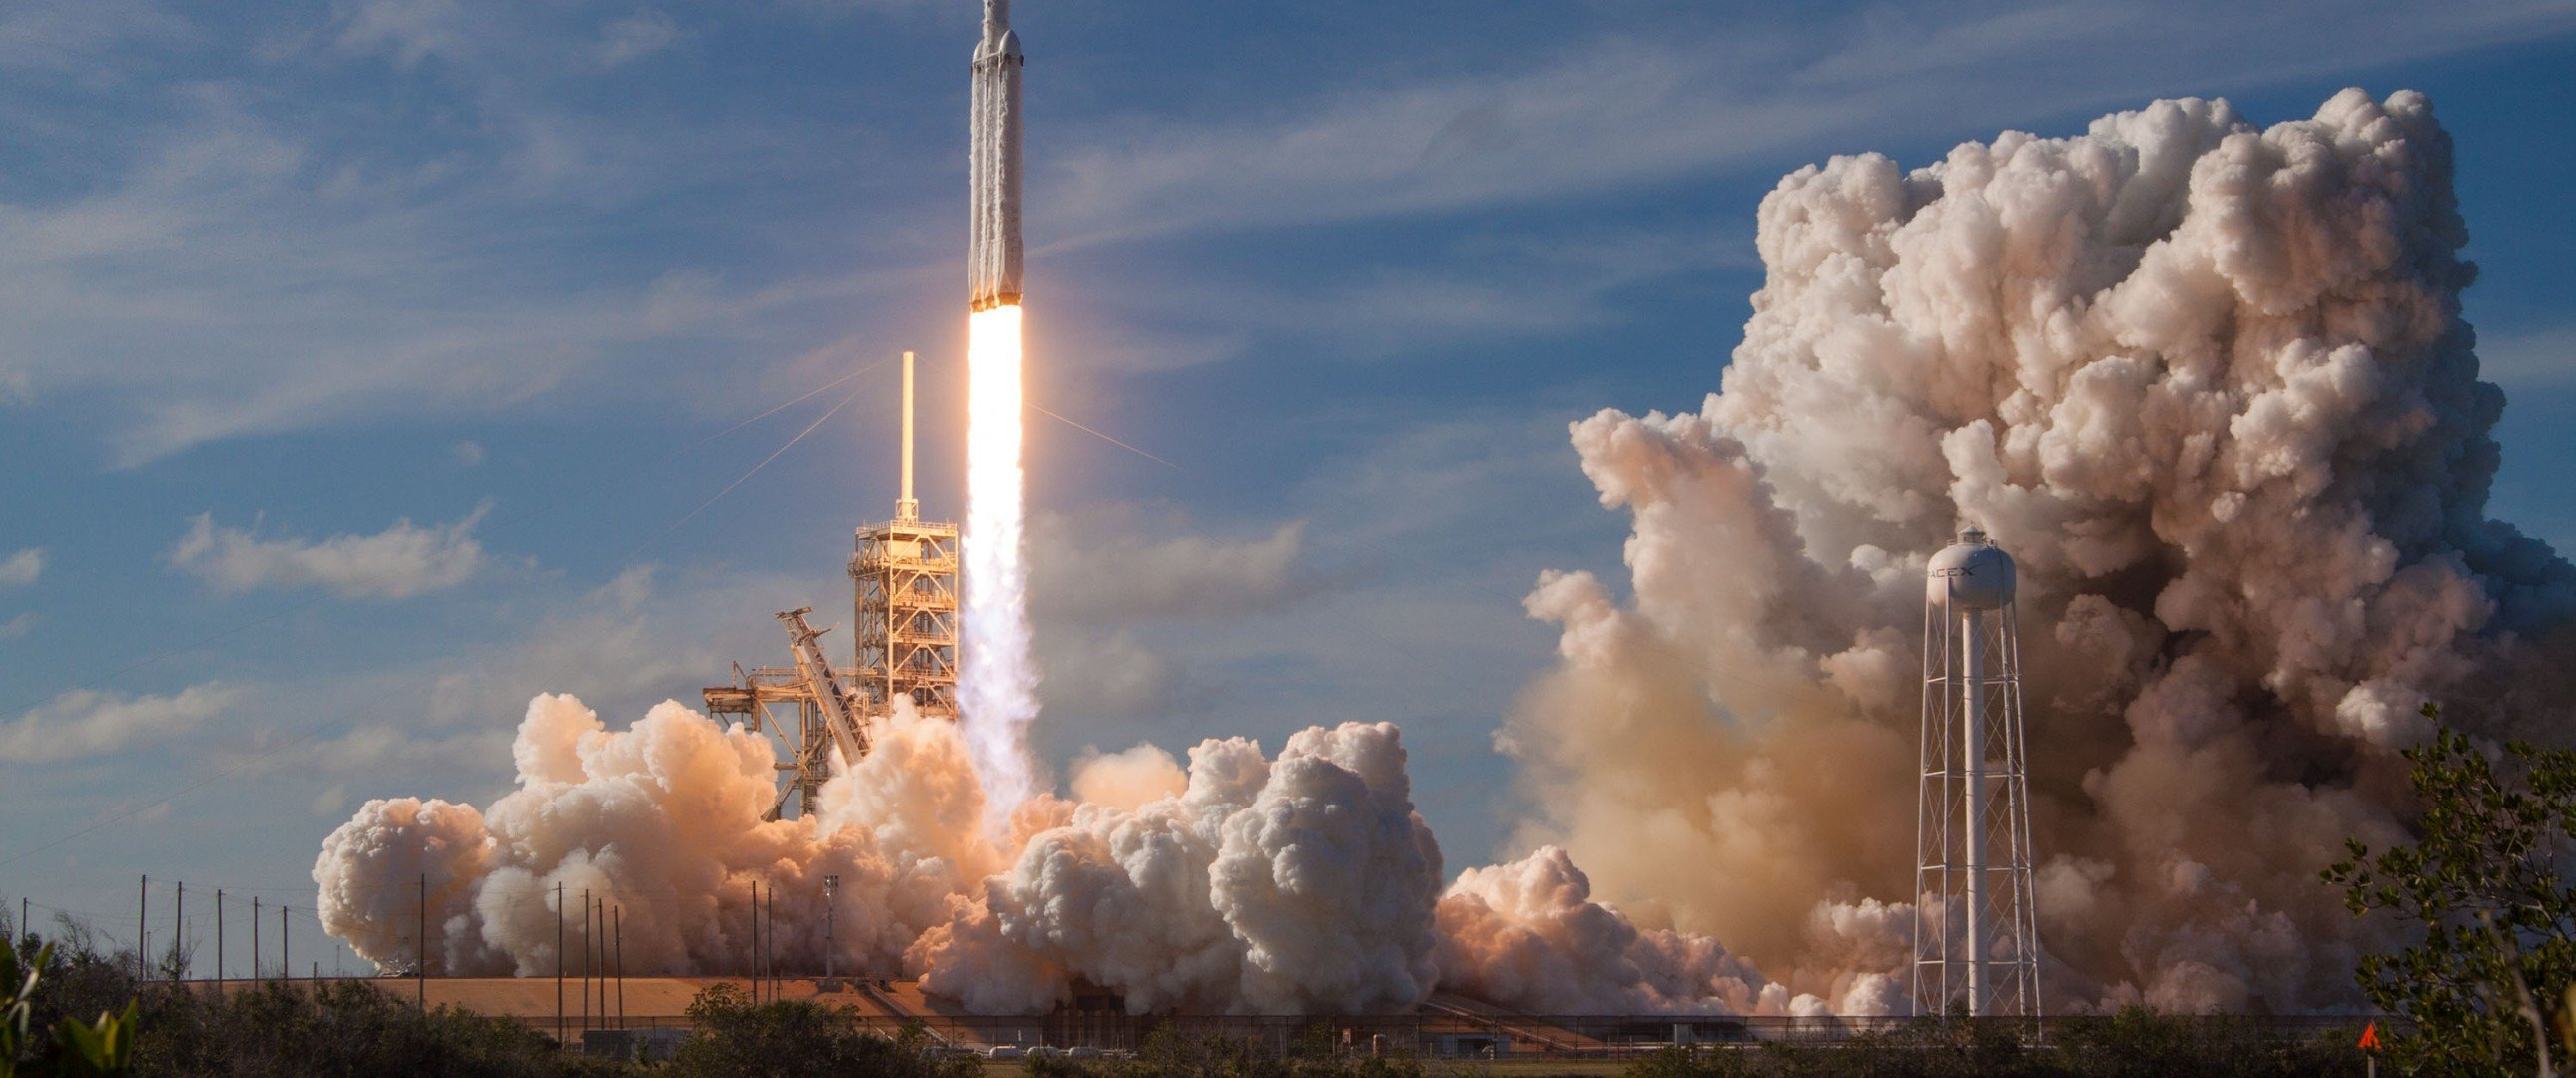 Ракета-носитель «Союз-5SL» будет работать с двигателями советского образца